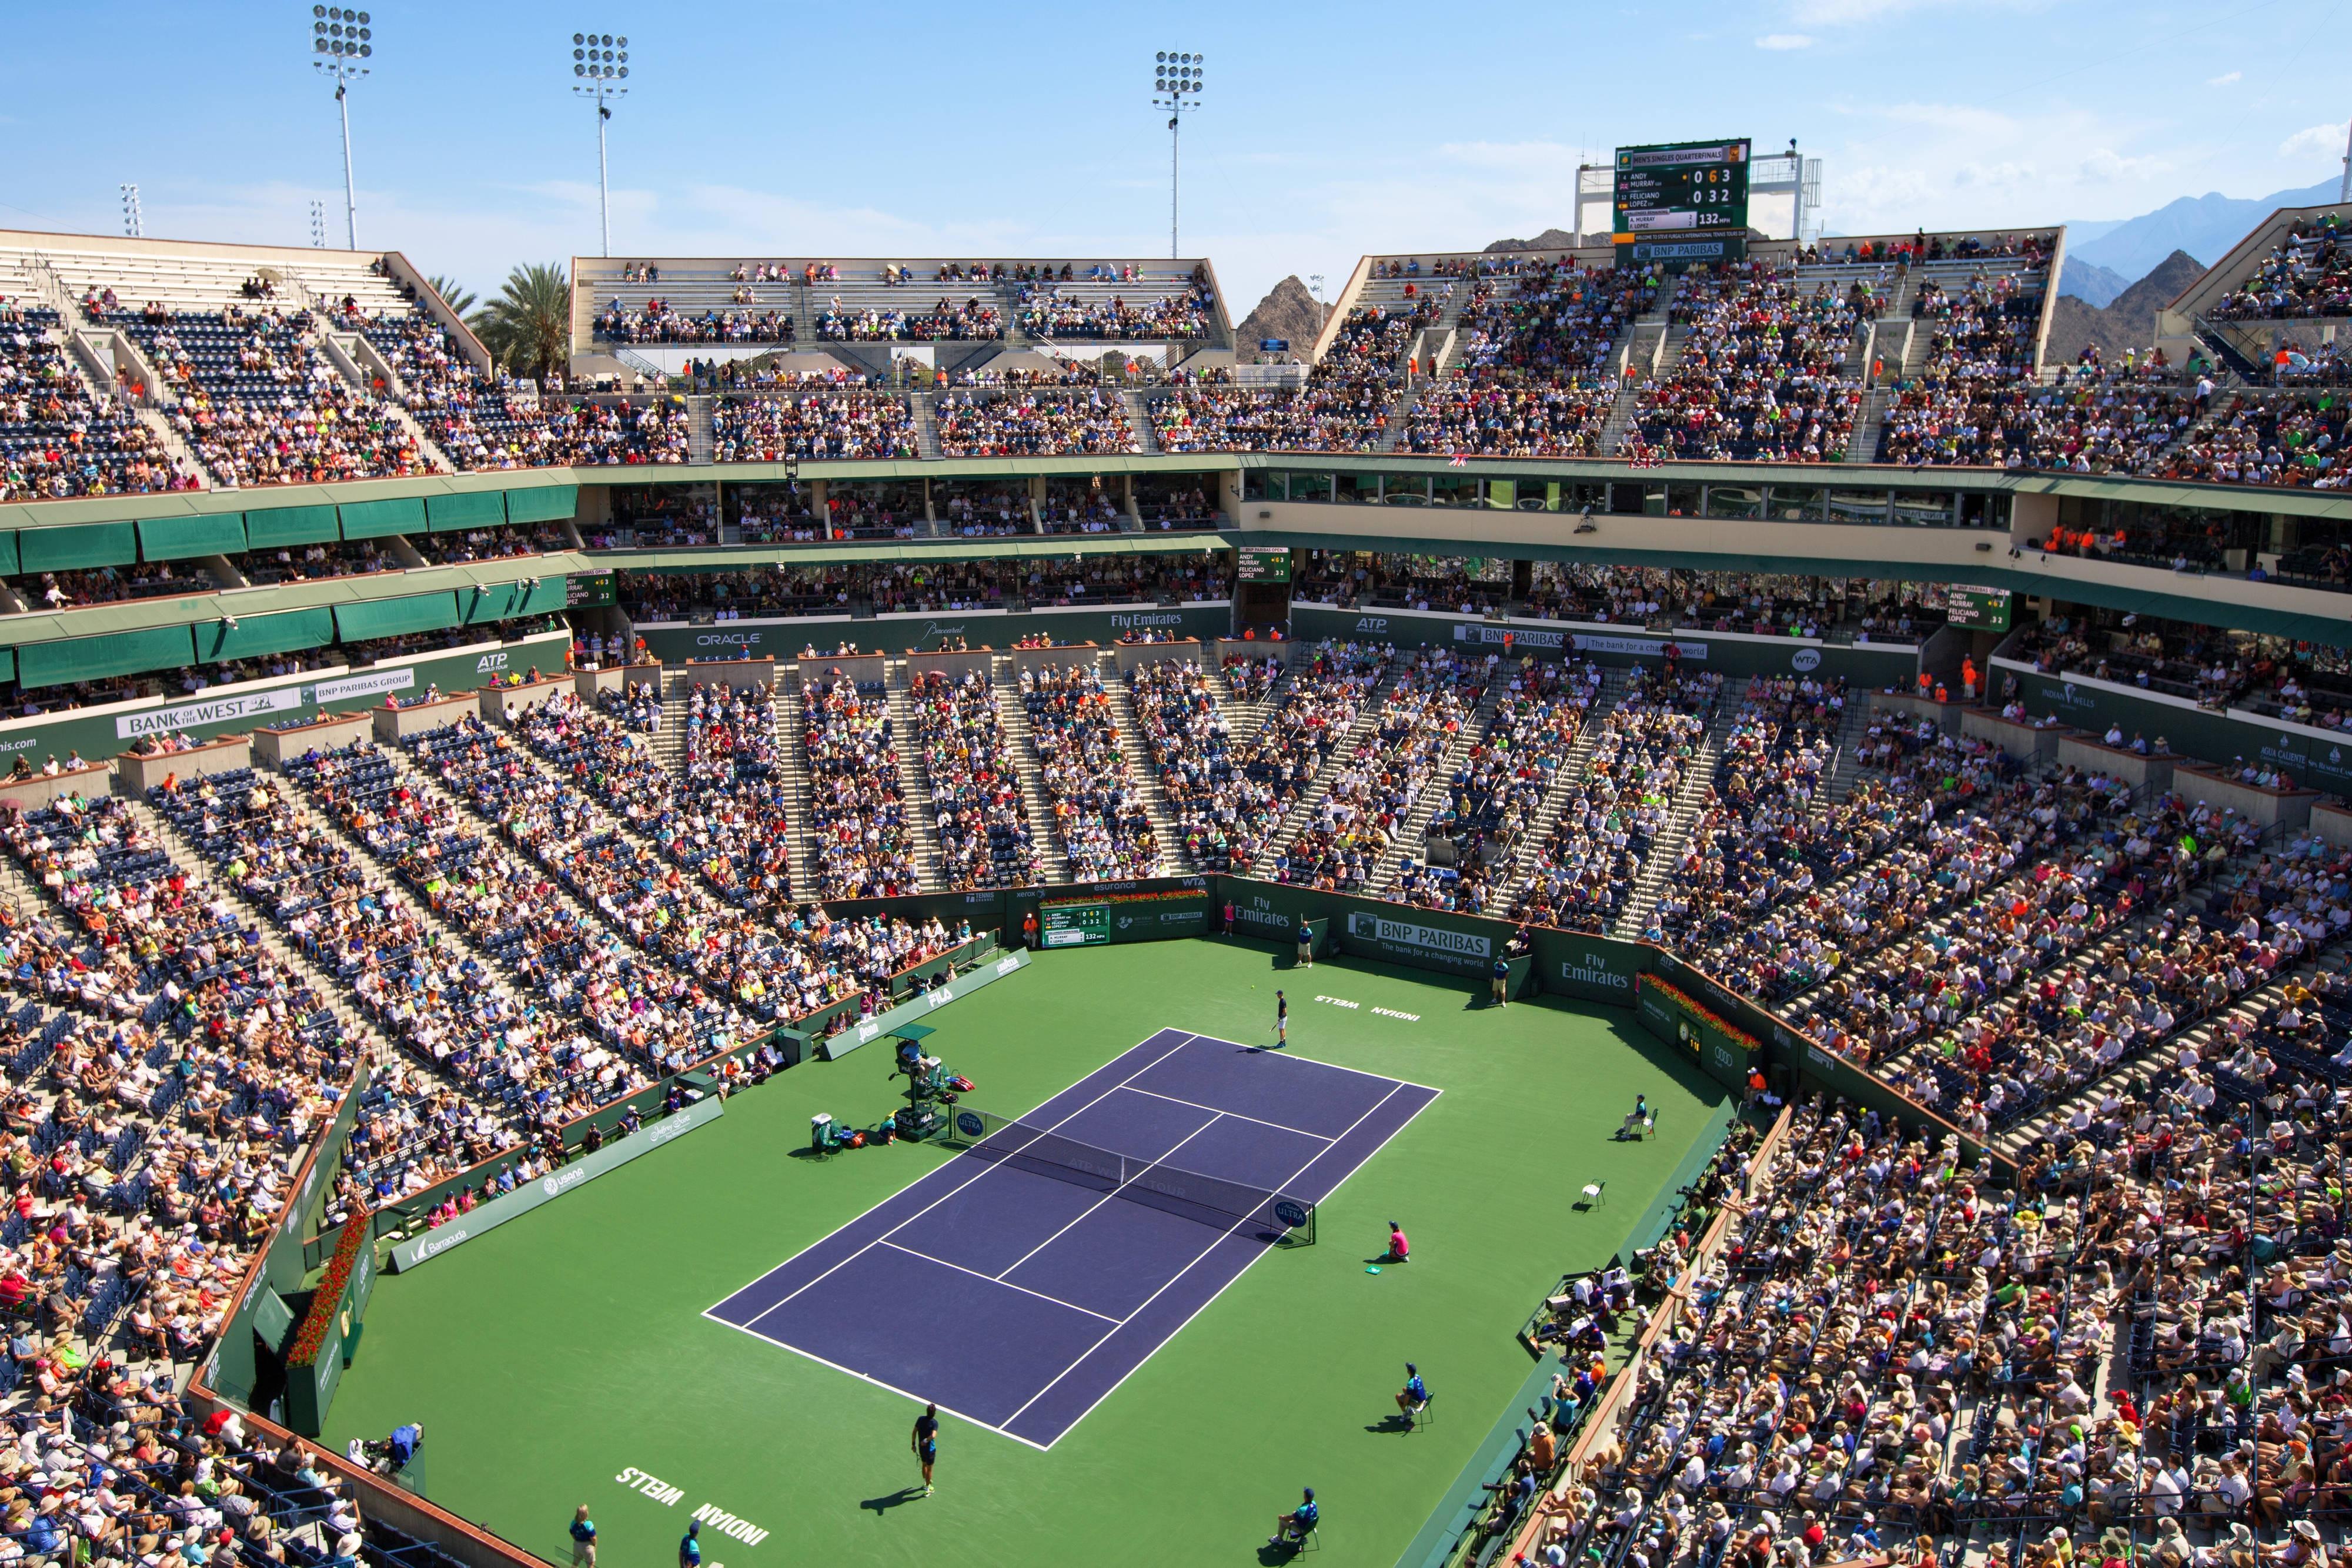 bnp tennis